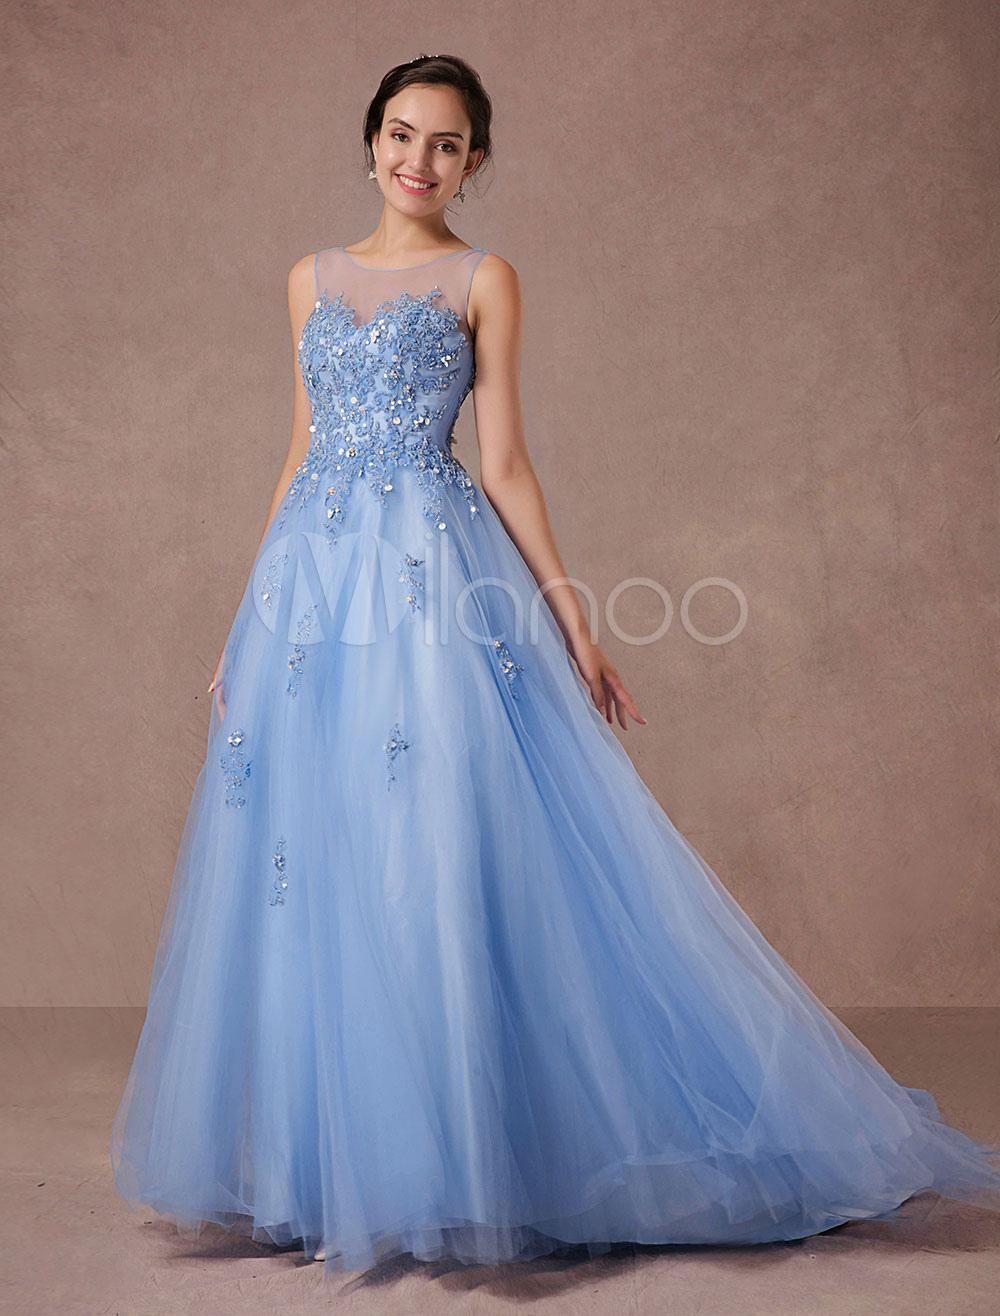 Blaue Spitze Hochzeitskleid Tüll Brautkleid Illusion Ausschnitt ...